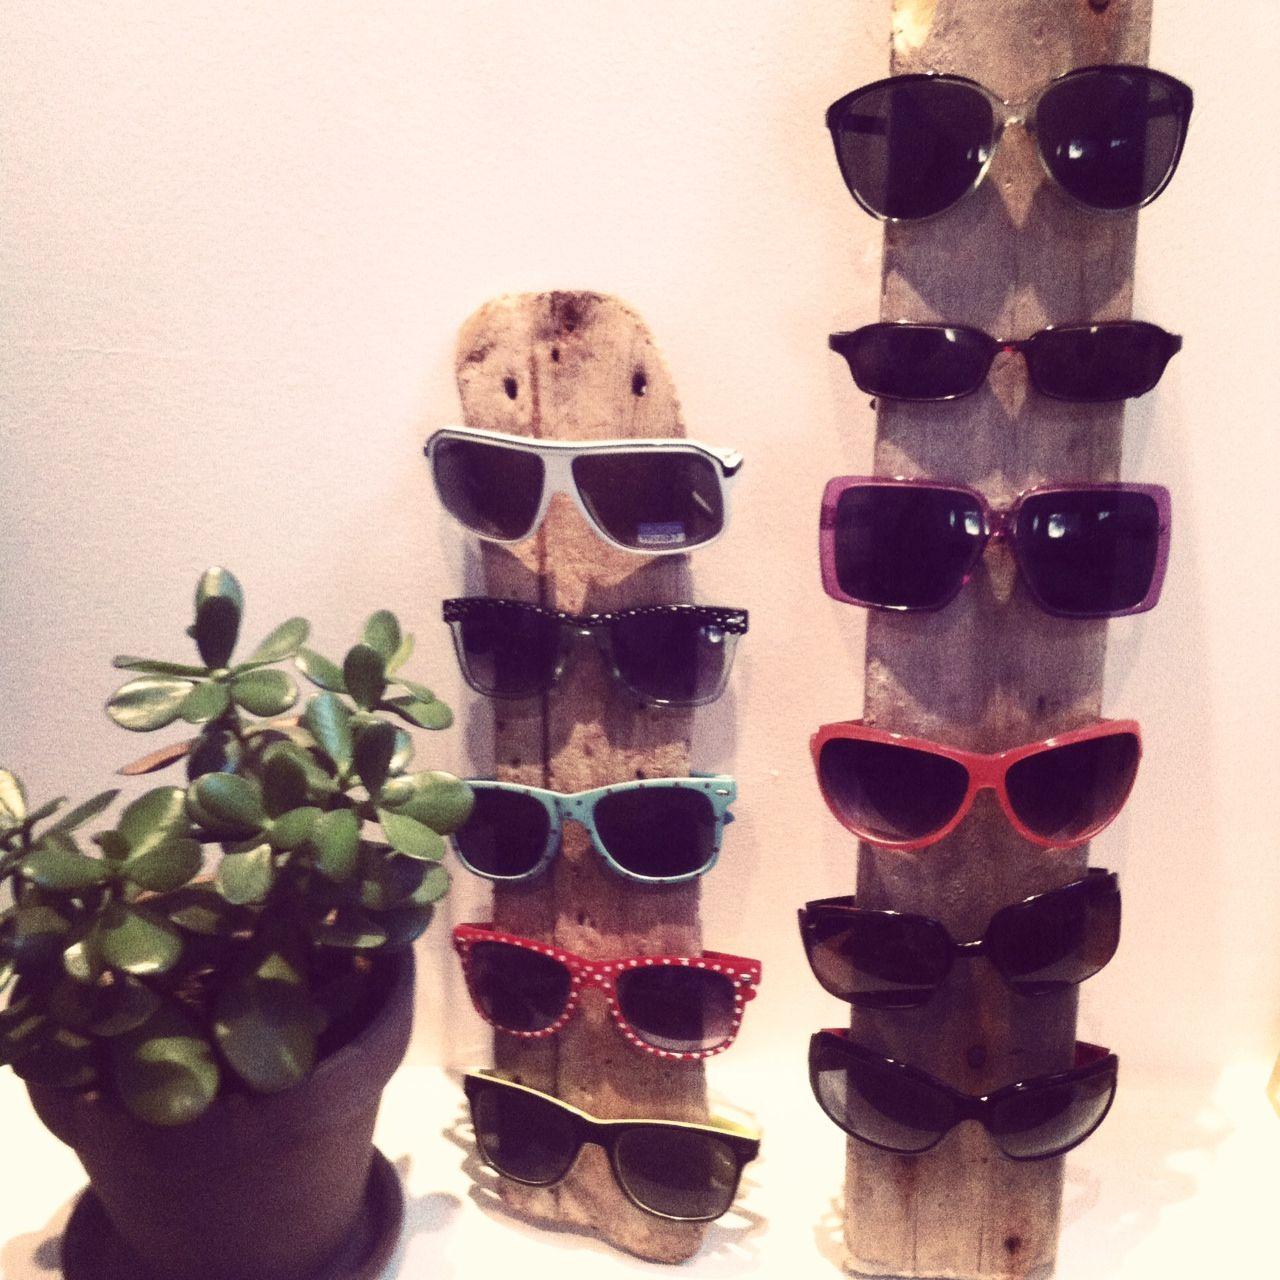 porte lunettes en bois flott diy driftwood pinterest diy and crafts. Black Bedroom Furniture Sets. Home Design Ideas